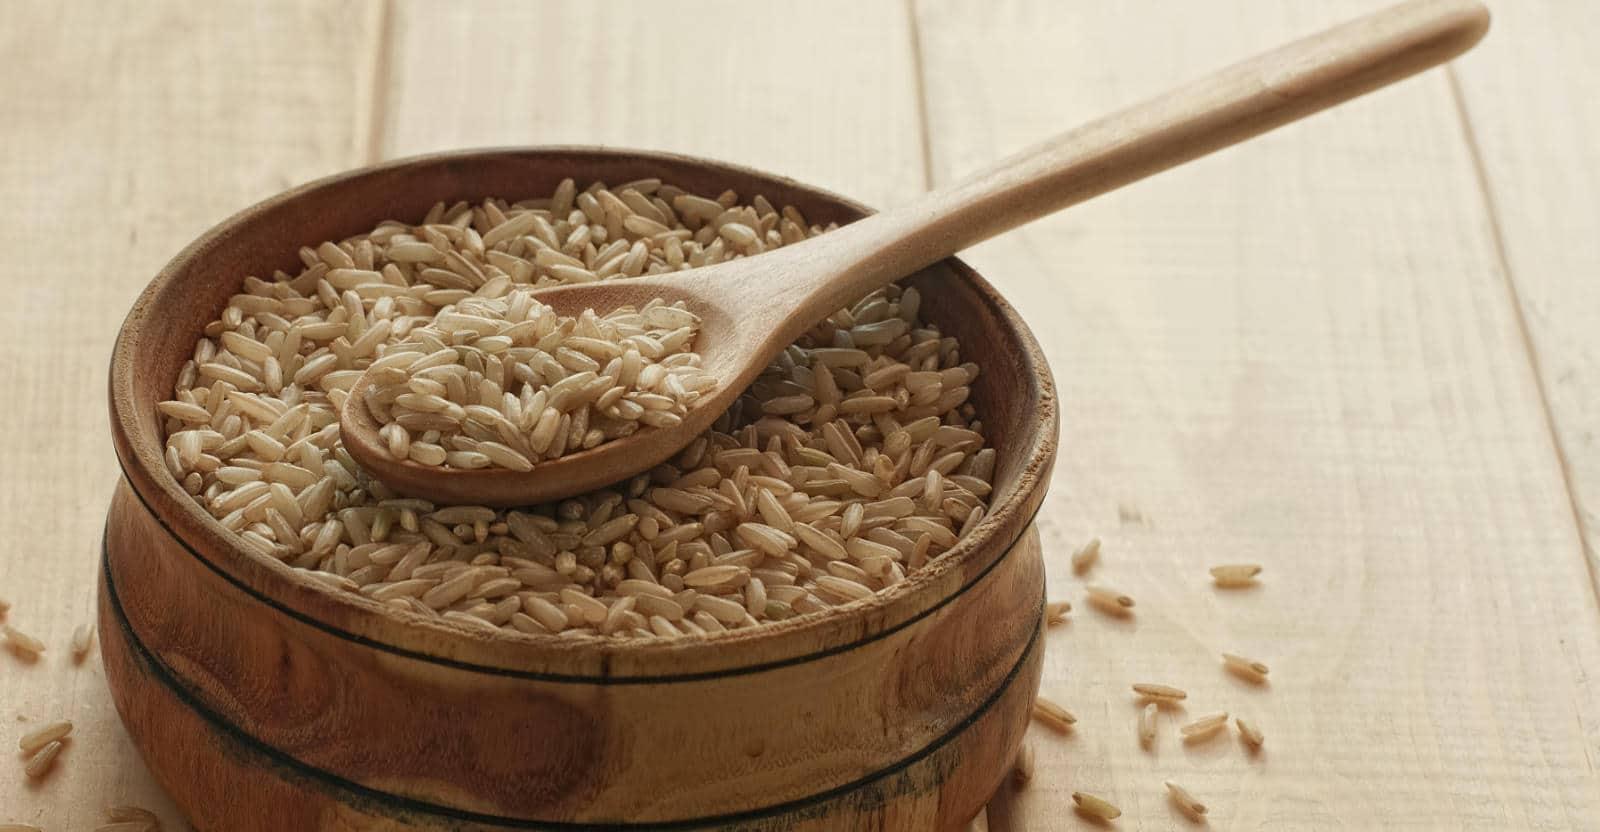 is brown rice gluten-free